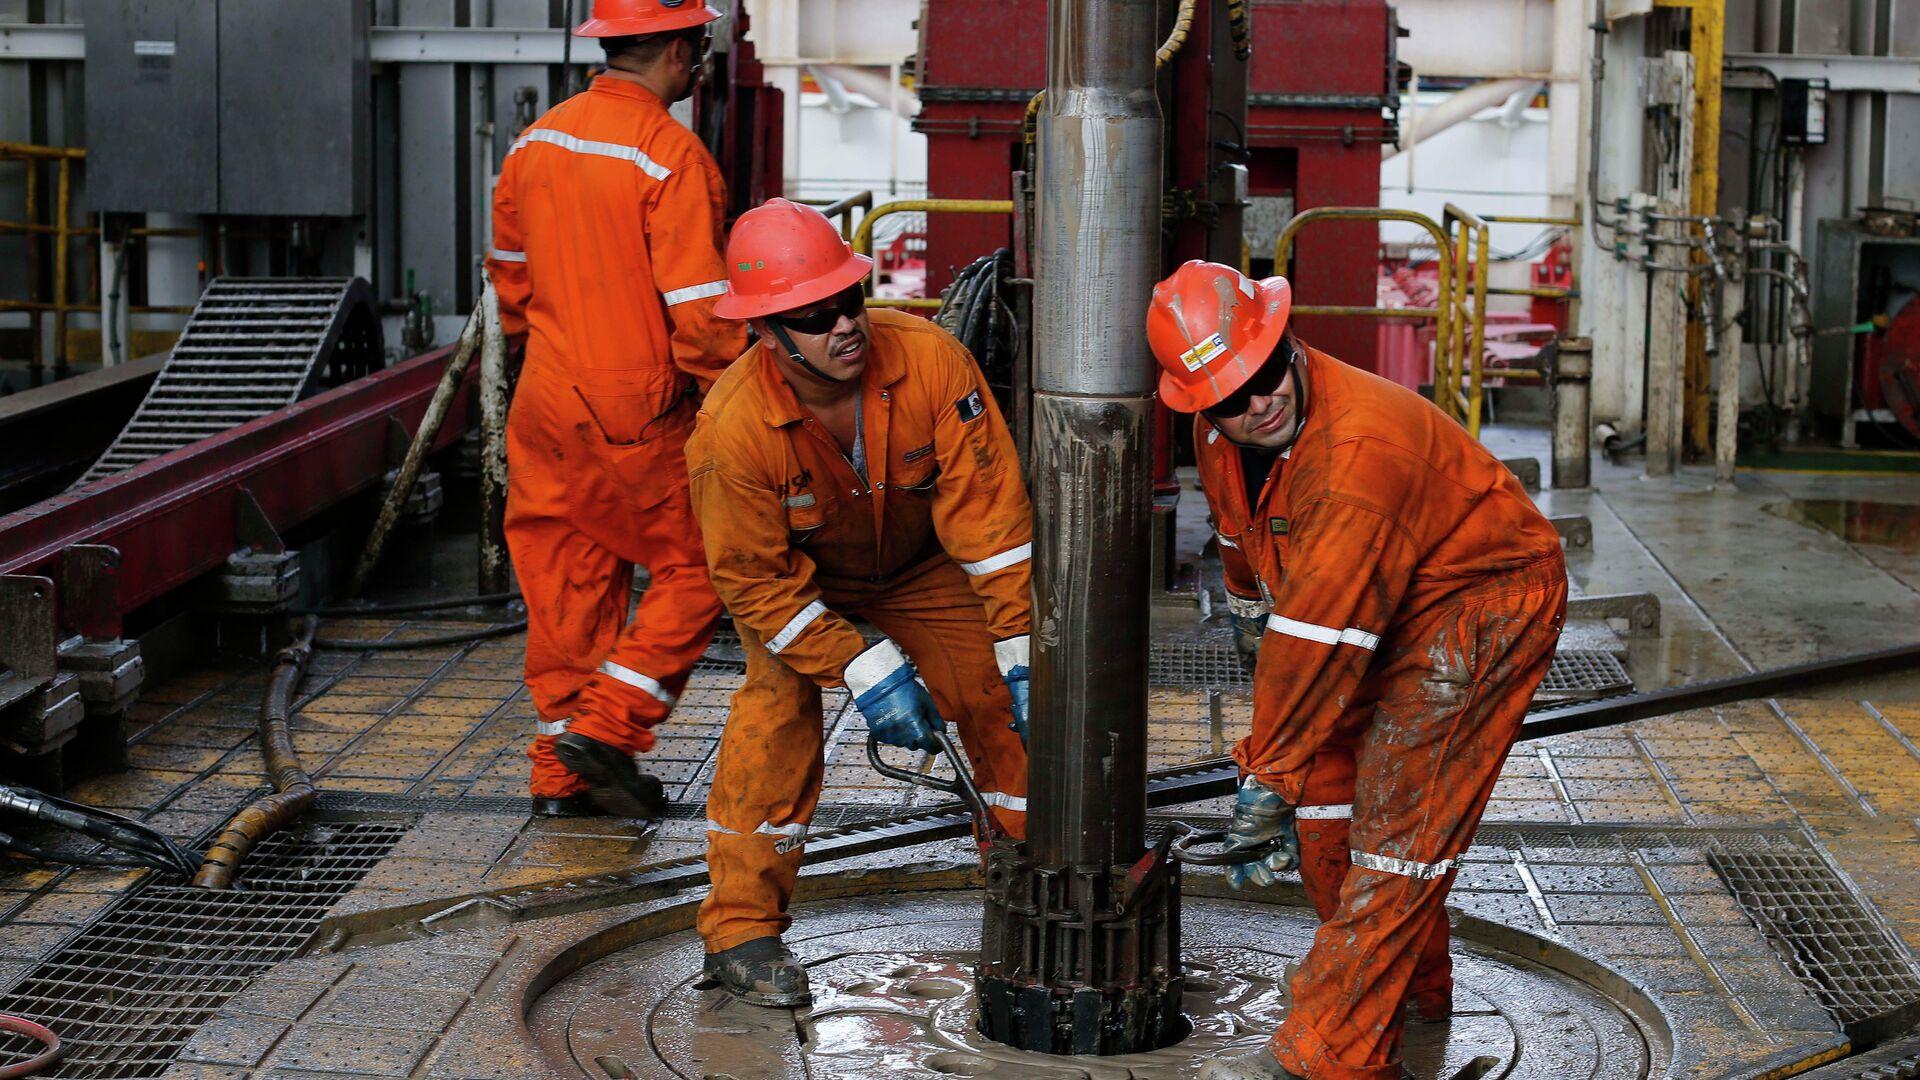 Extracción de petróleo en México - Sputnik Mundo, 1920, 02.08.2021